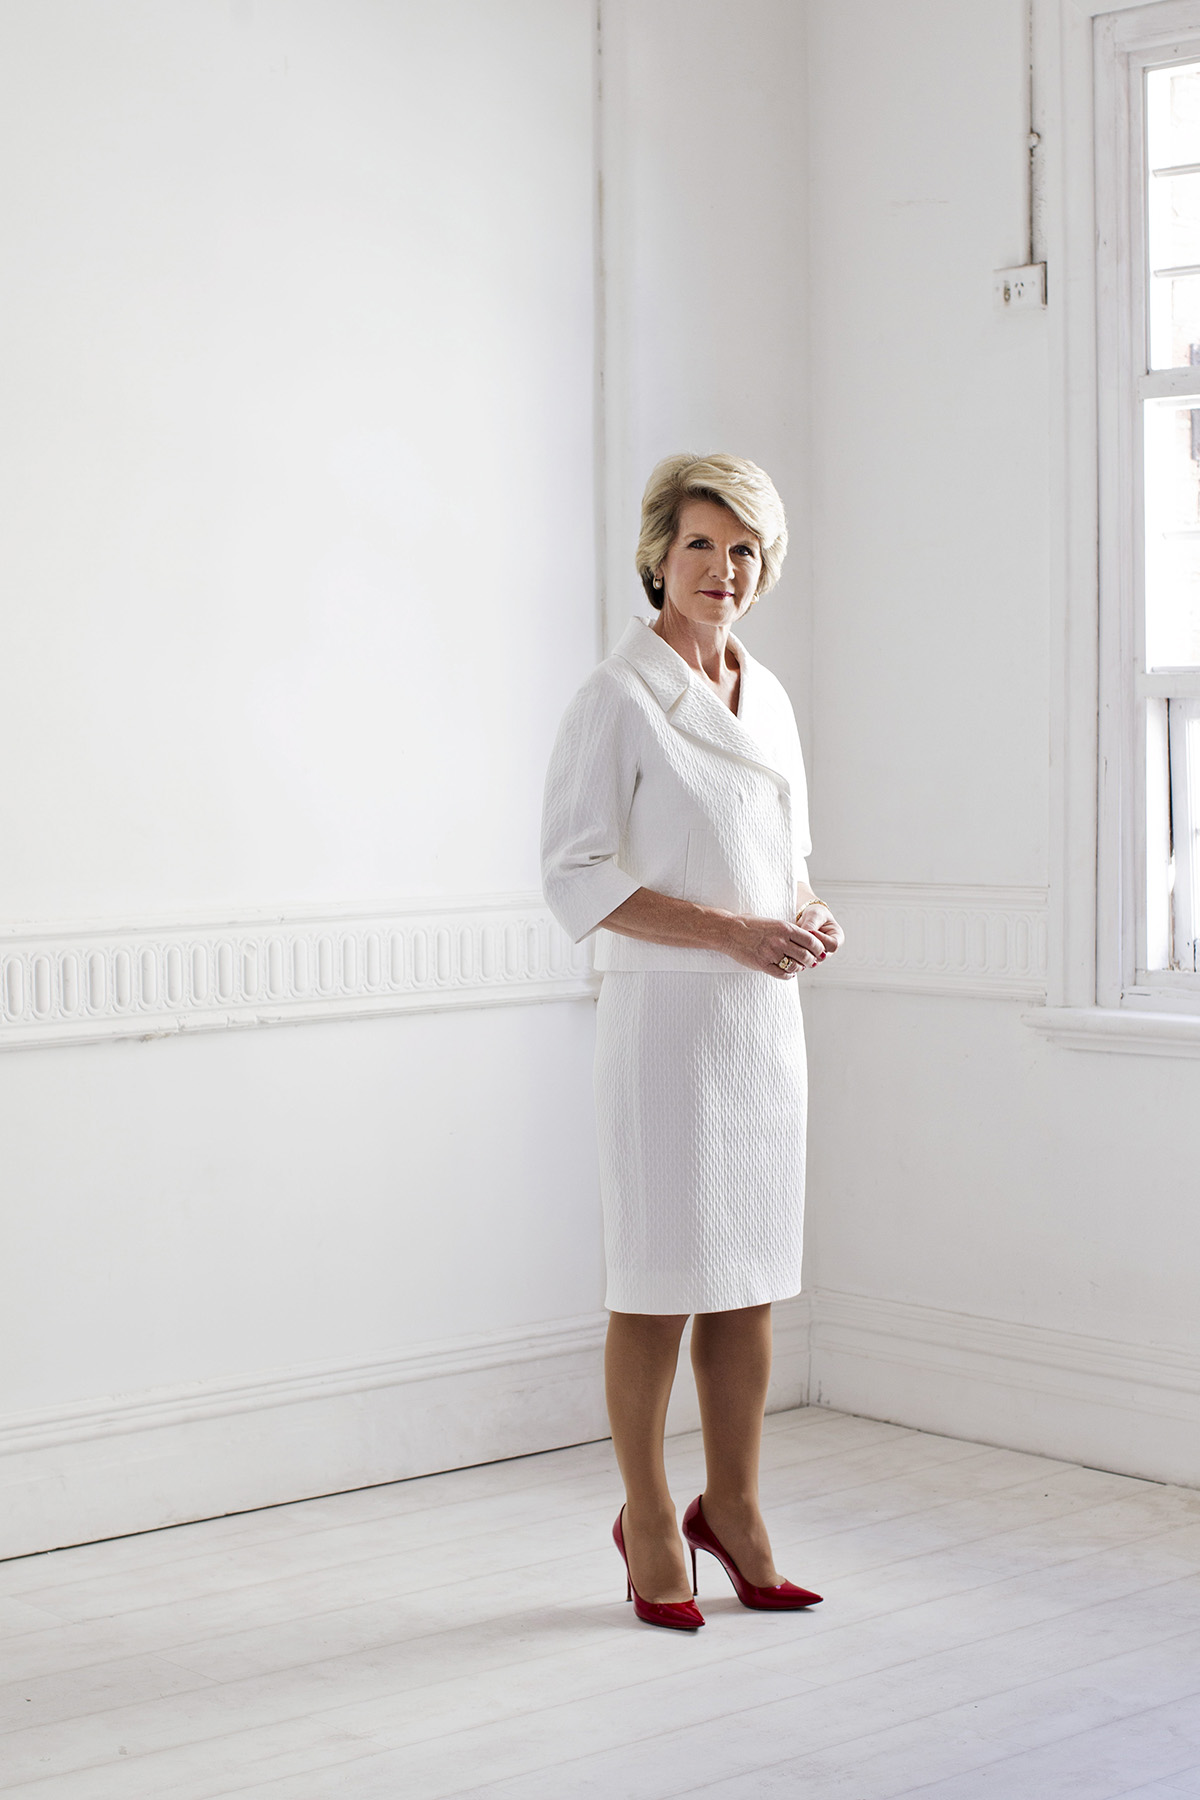 Foreign Minister - Julie Bishop